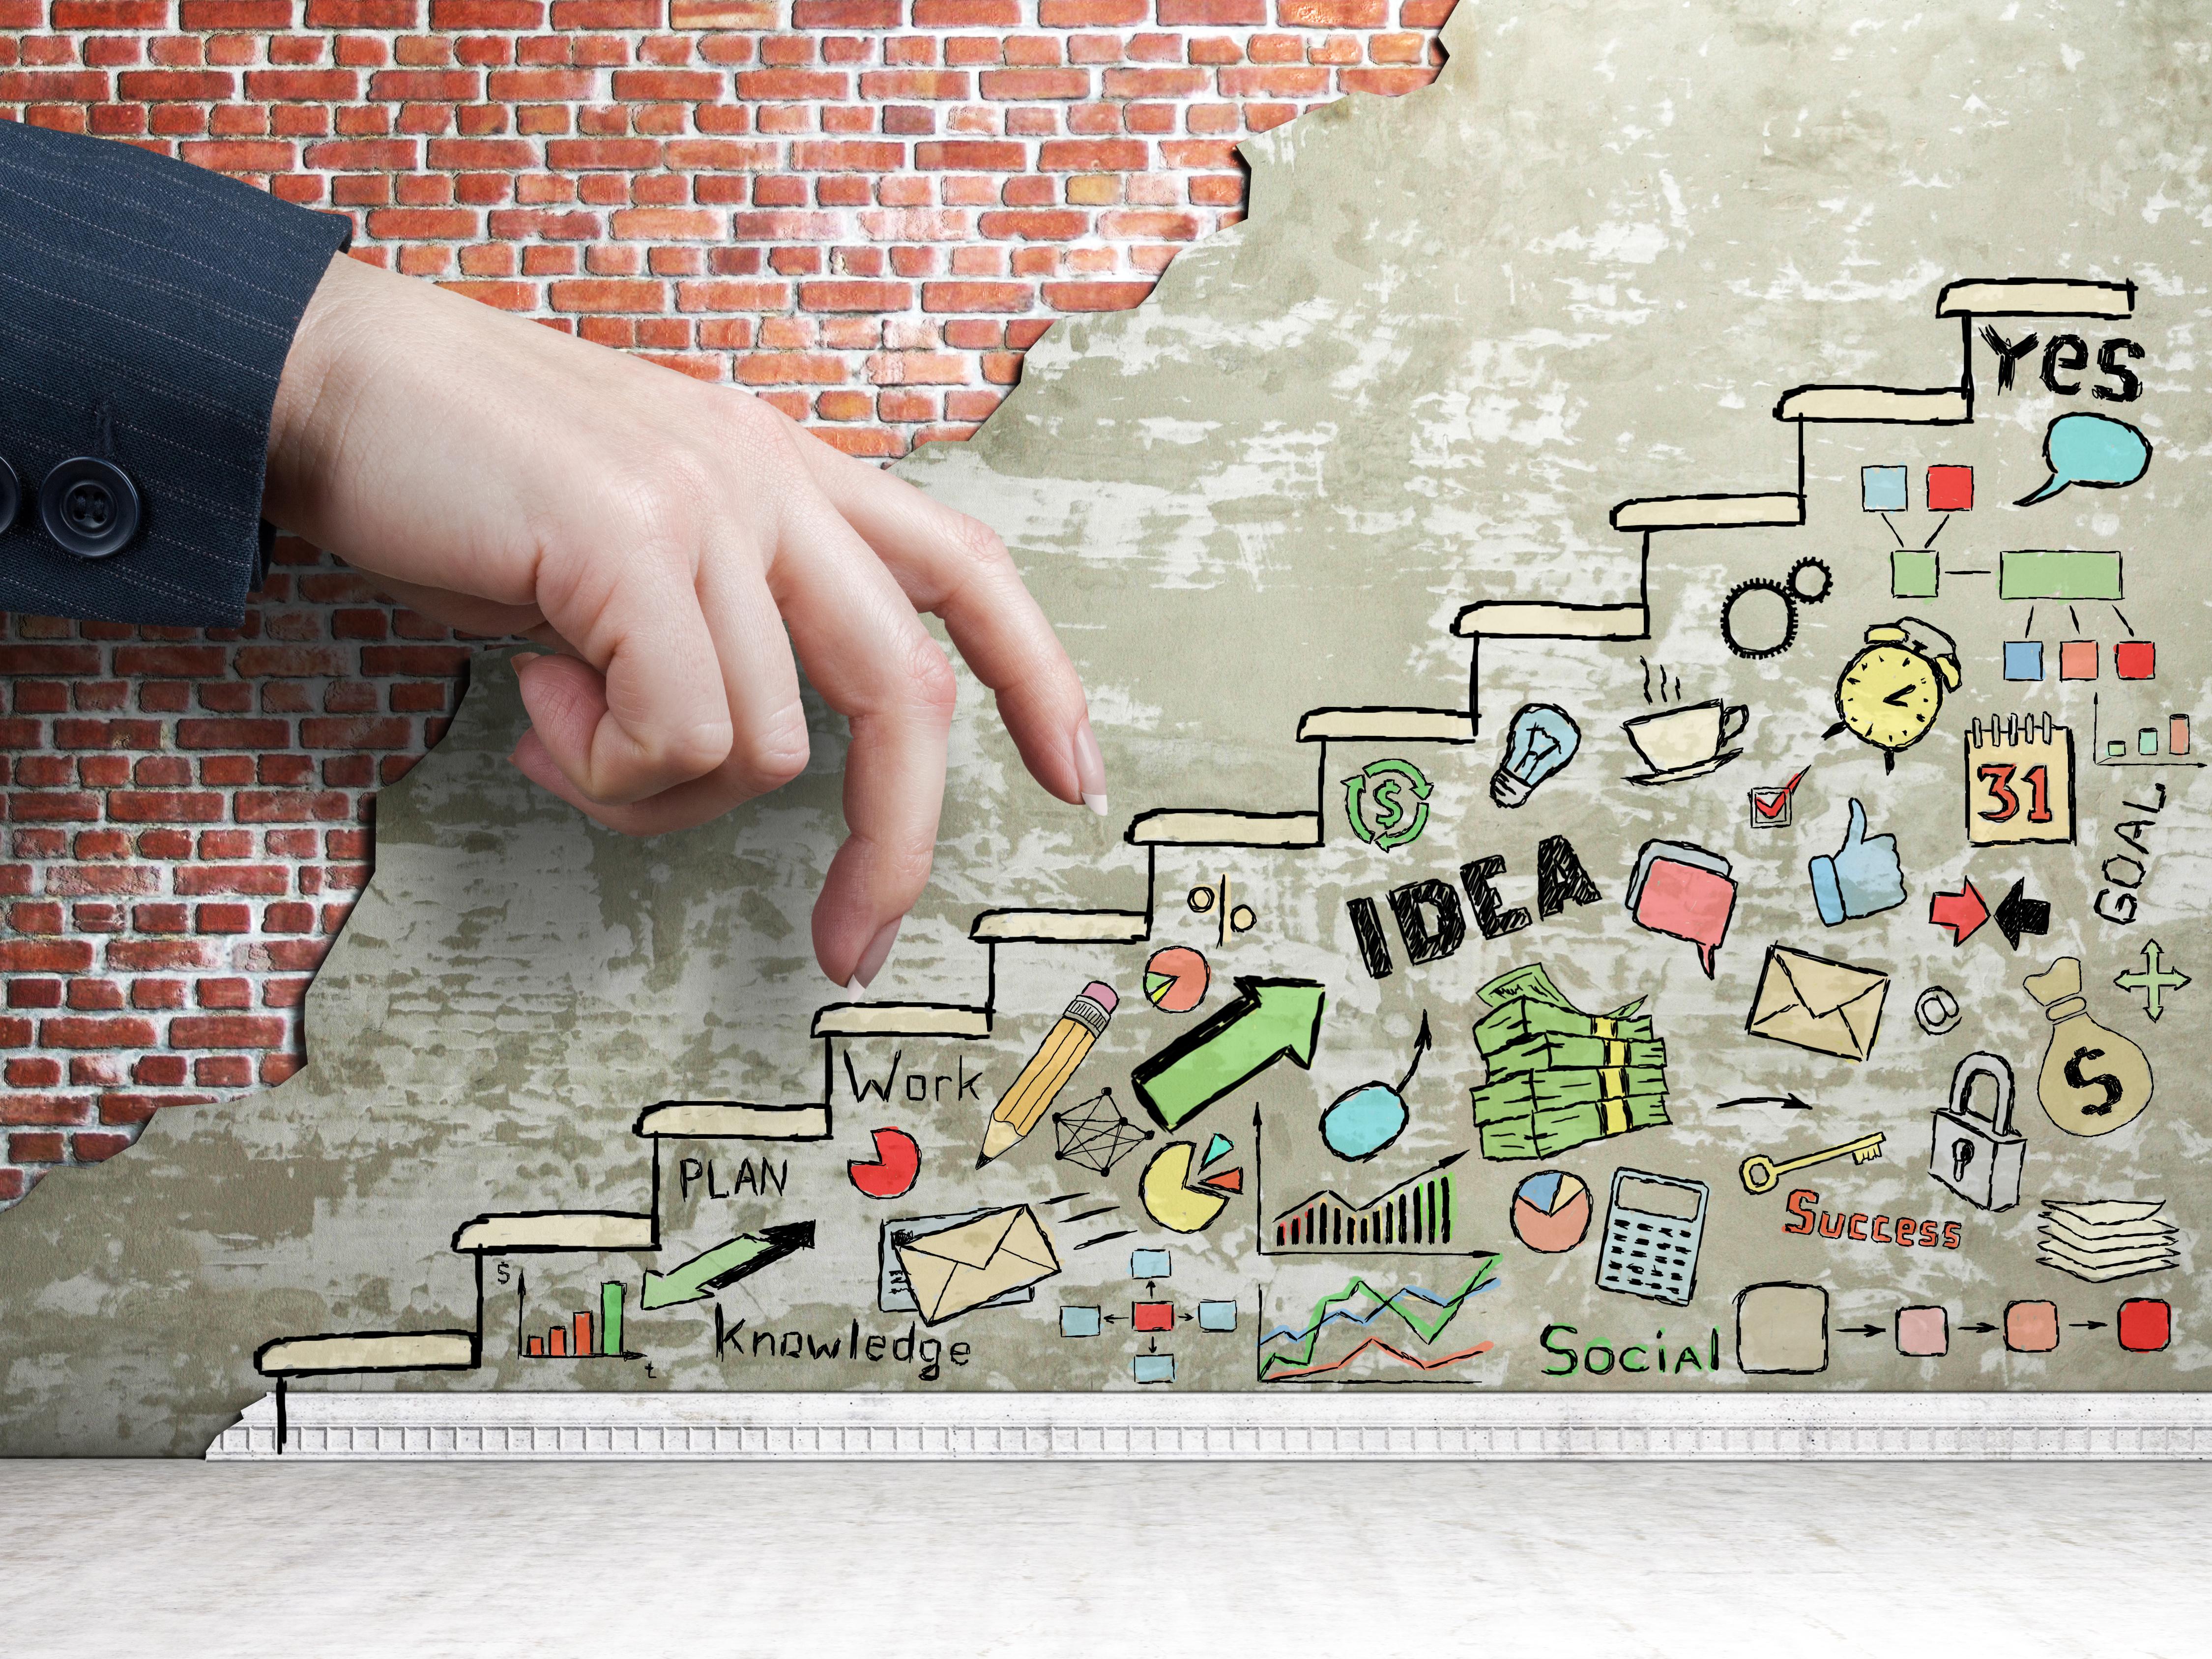 Idée de business pour succès